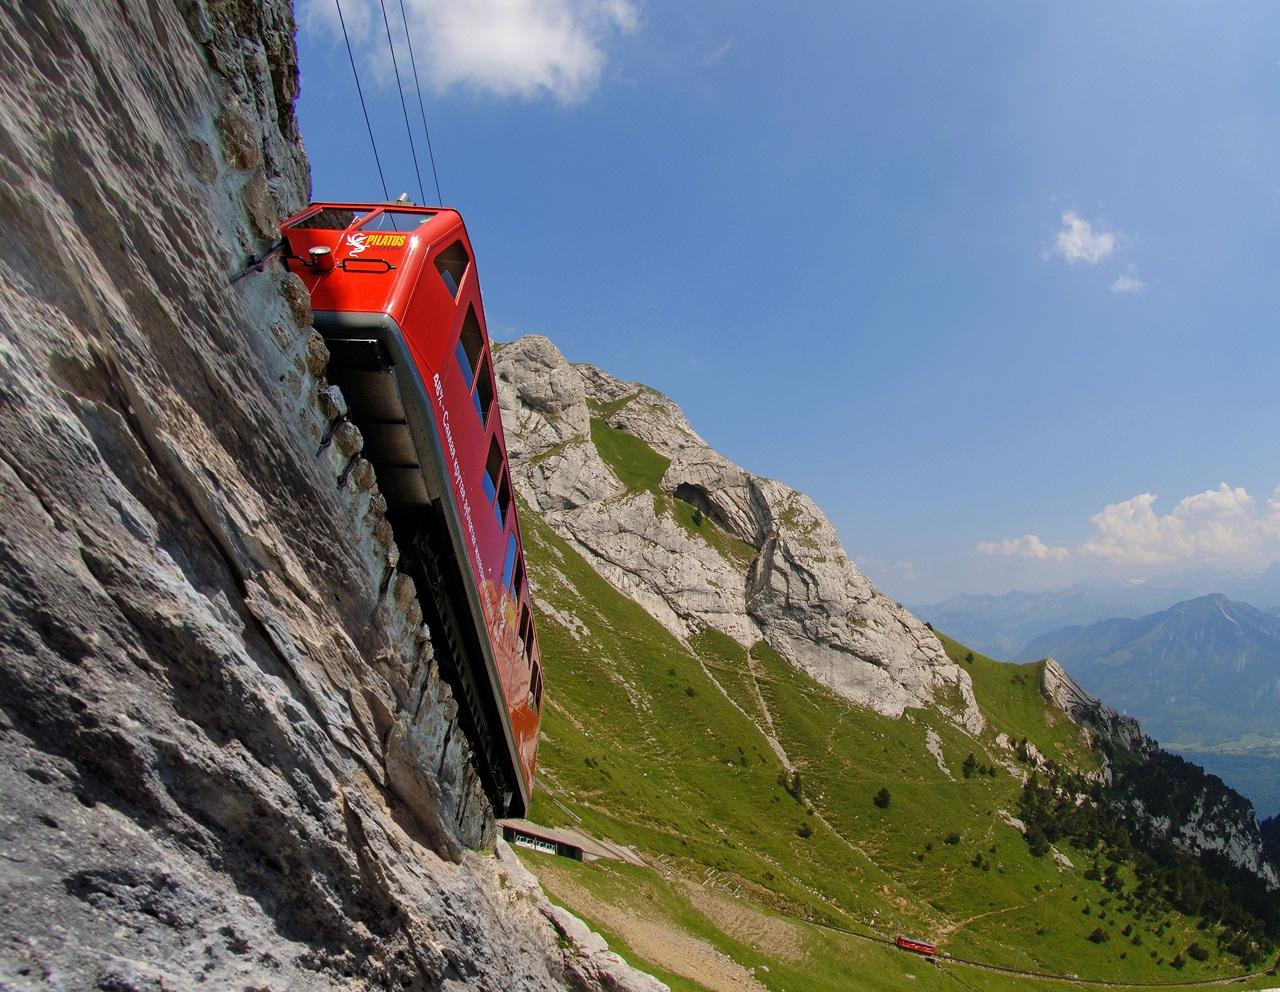 Авто-факт: Пилатусбан-самая крутая в мире железная дорога (видео)